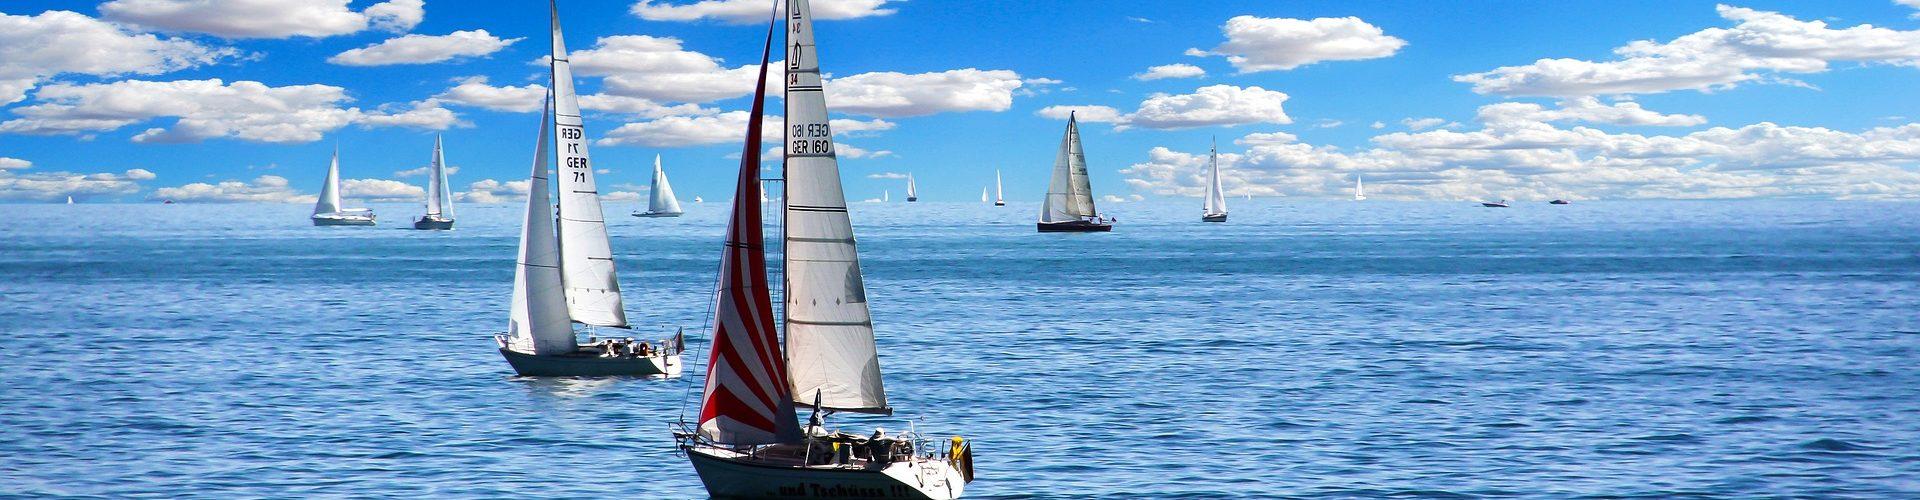 segeln lernen in Landsberg am Lech segelschein machen in Landsberg am Lech 1920x500 - Segeln lernen in Landsberg am Lech